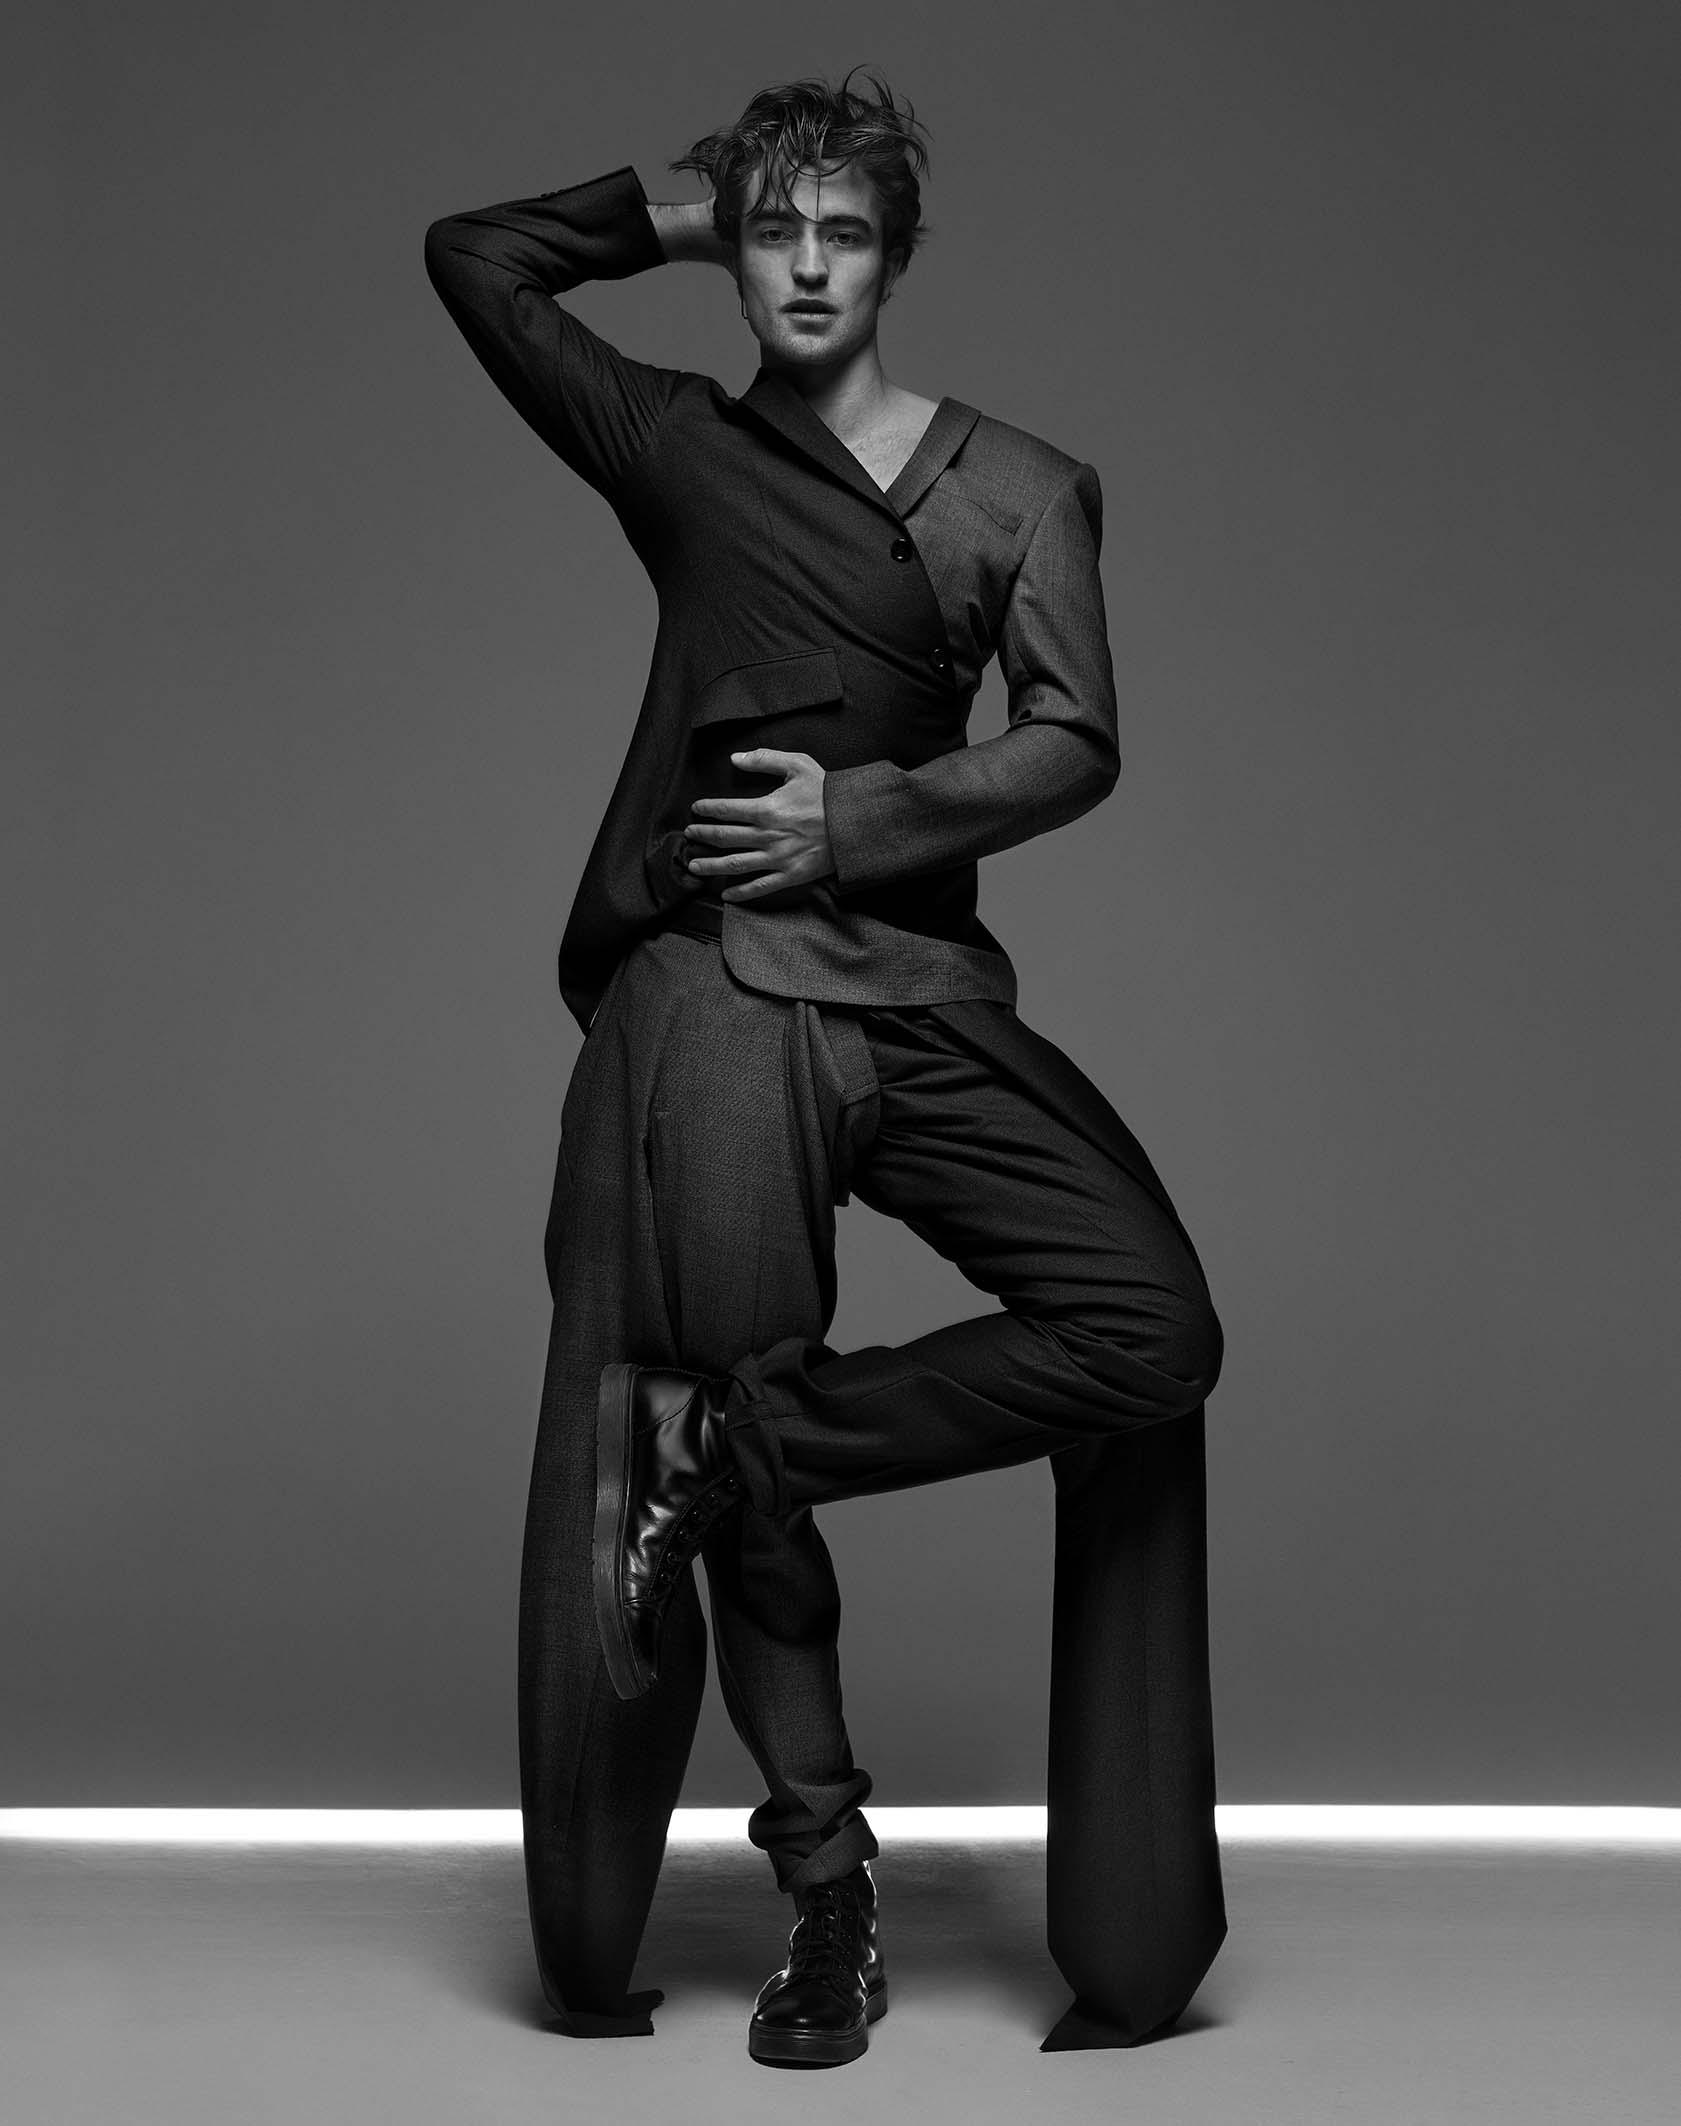 """Robert Pattinson par Jean-Baptiste Mondino. Photographie publiée dans Numéro Homme #31 en 2016. Tirage unique signé pour l'exposition """"Mondino Numéro 20 ans"""" au Studio des Acacias. Impression jet d'encre sur papier Rauch Dos Bleu."""